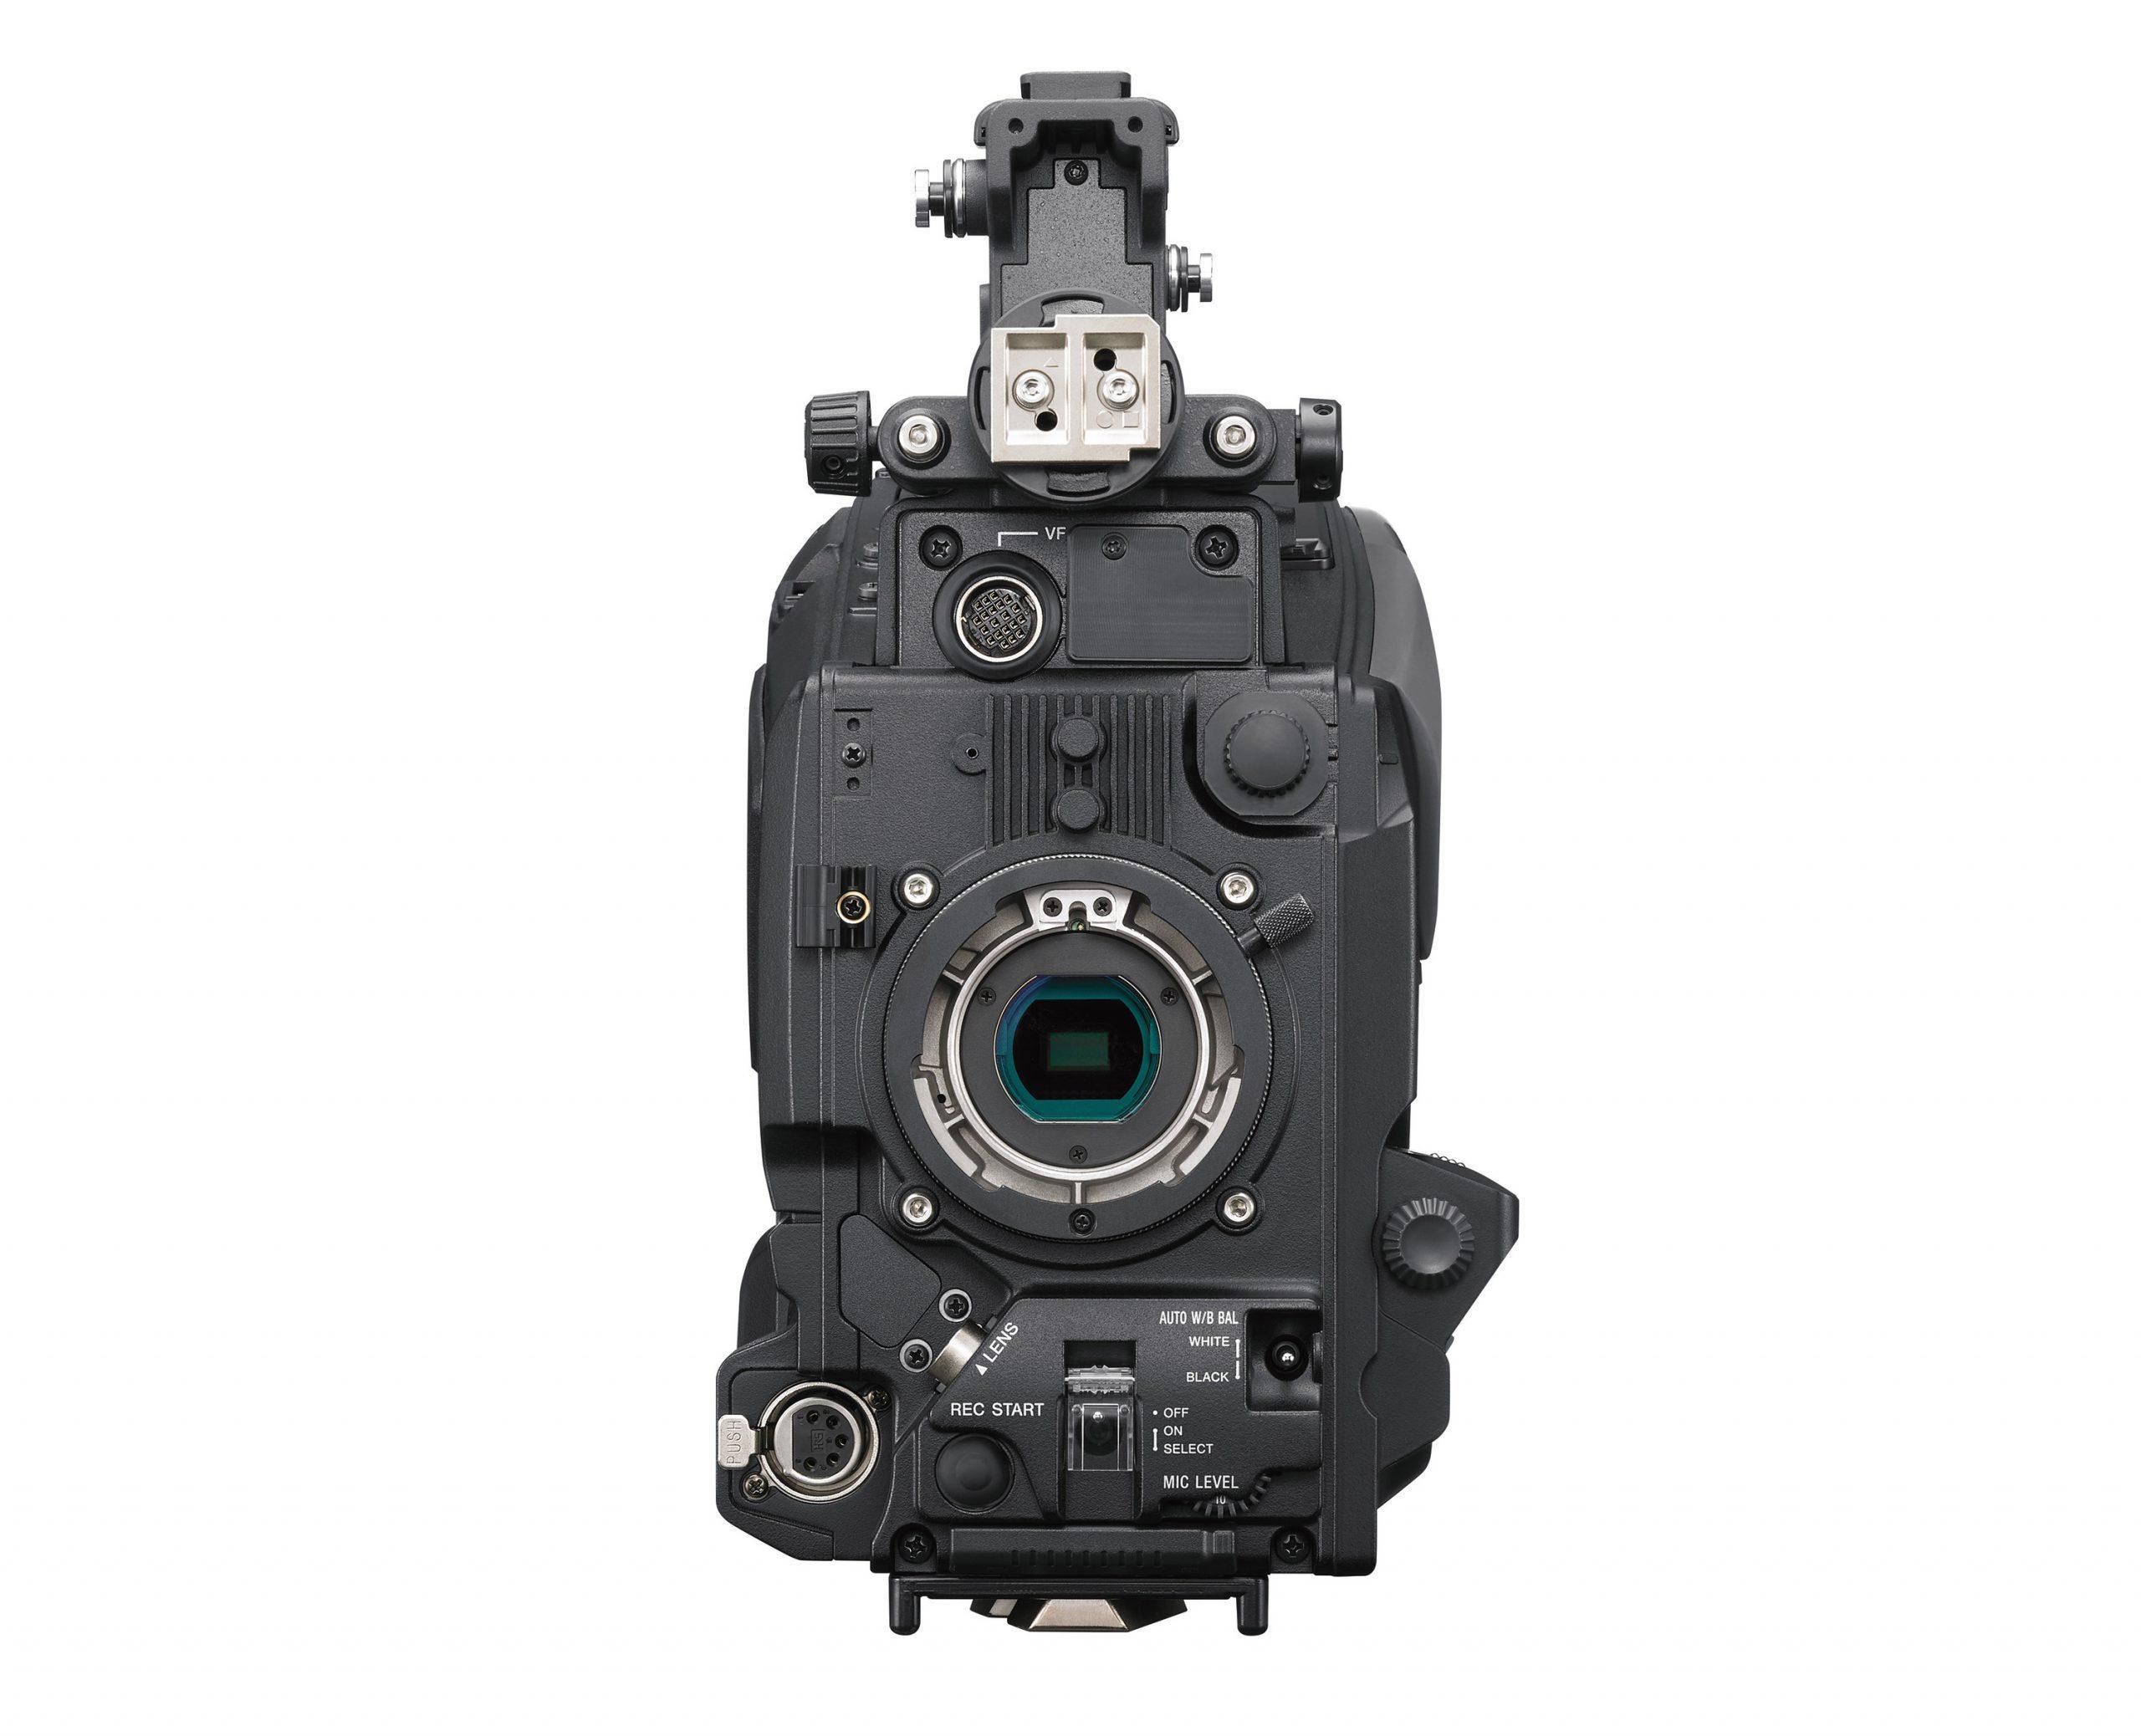 PXW-Z750 Frontal detalle